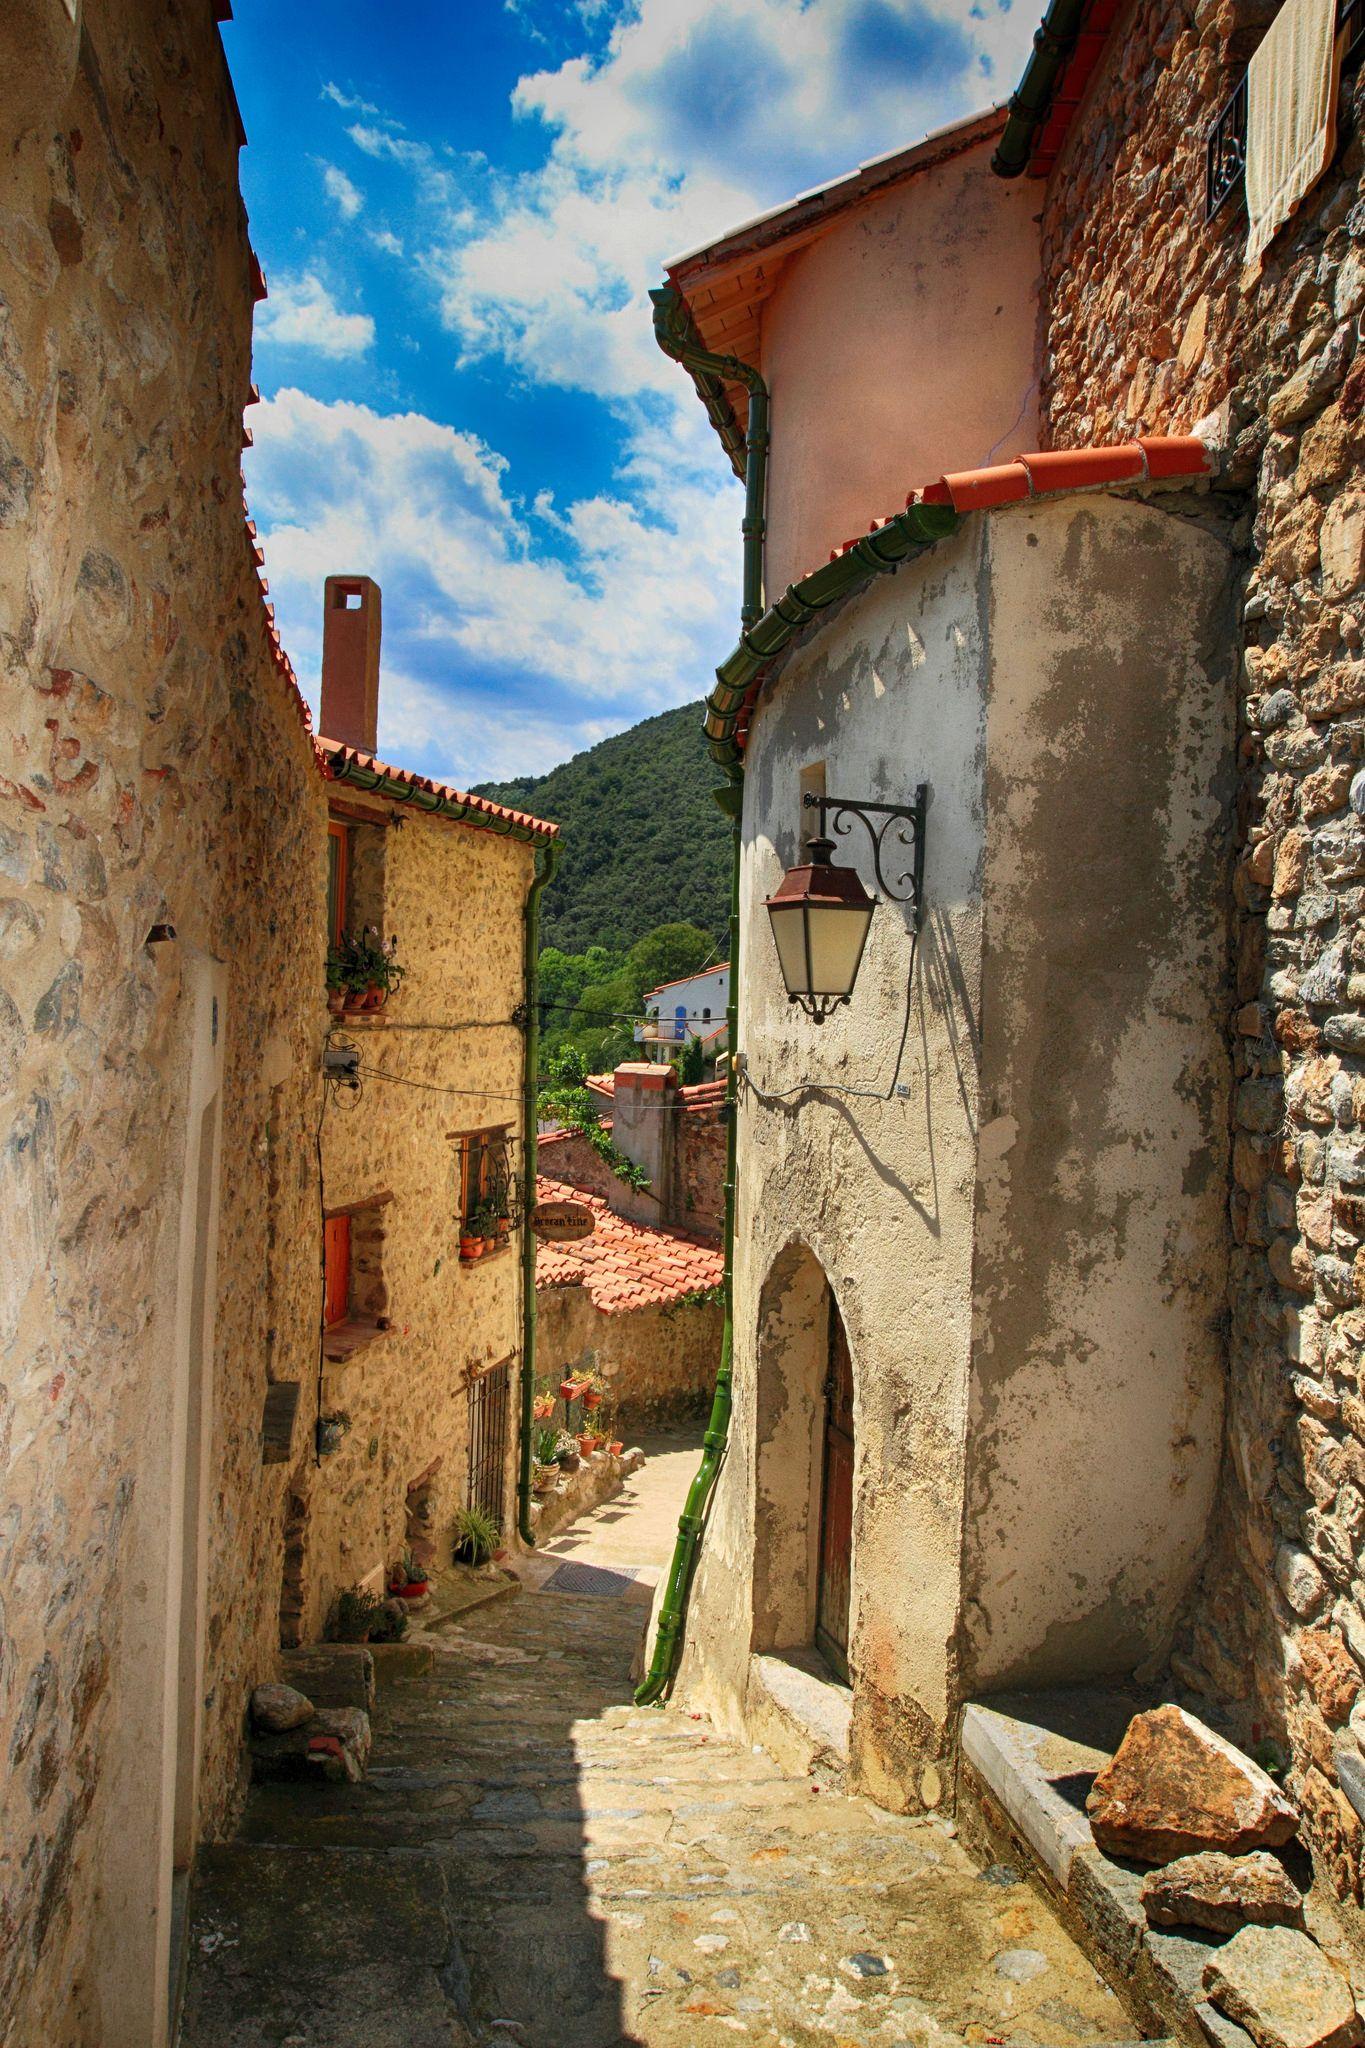 https://flic.kr/p/H647FL | Le village médiéval de Palalda | Plus d'infos sur le site www.tourisme-amelie.com